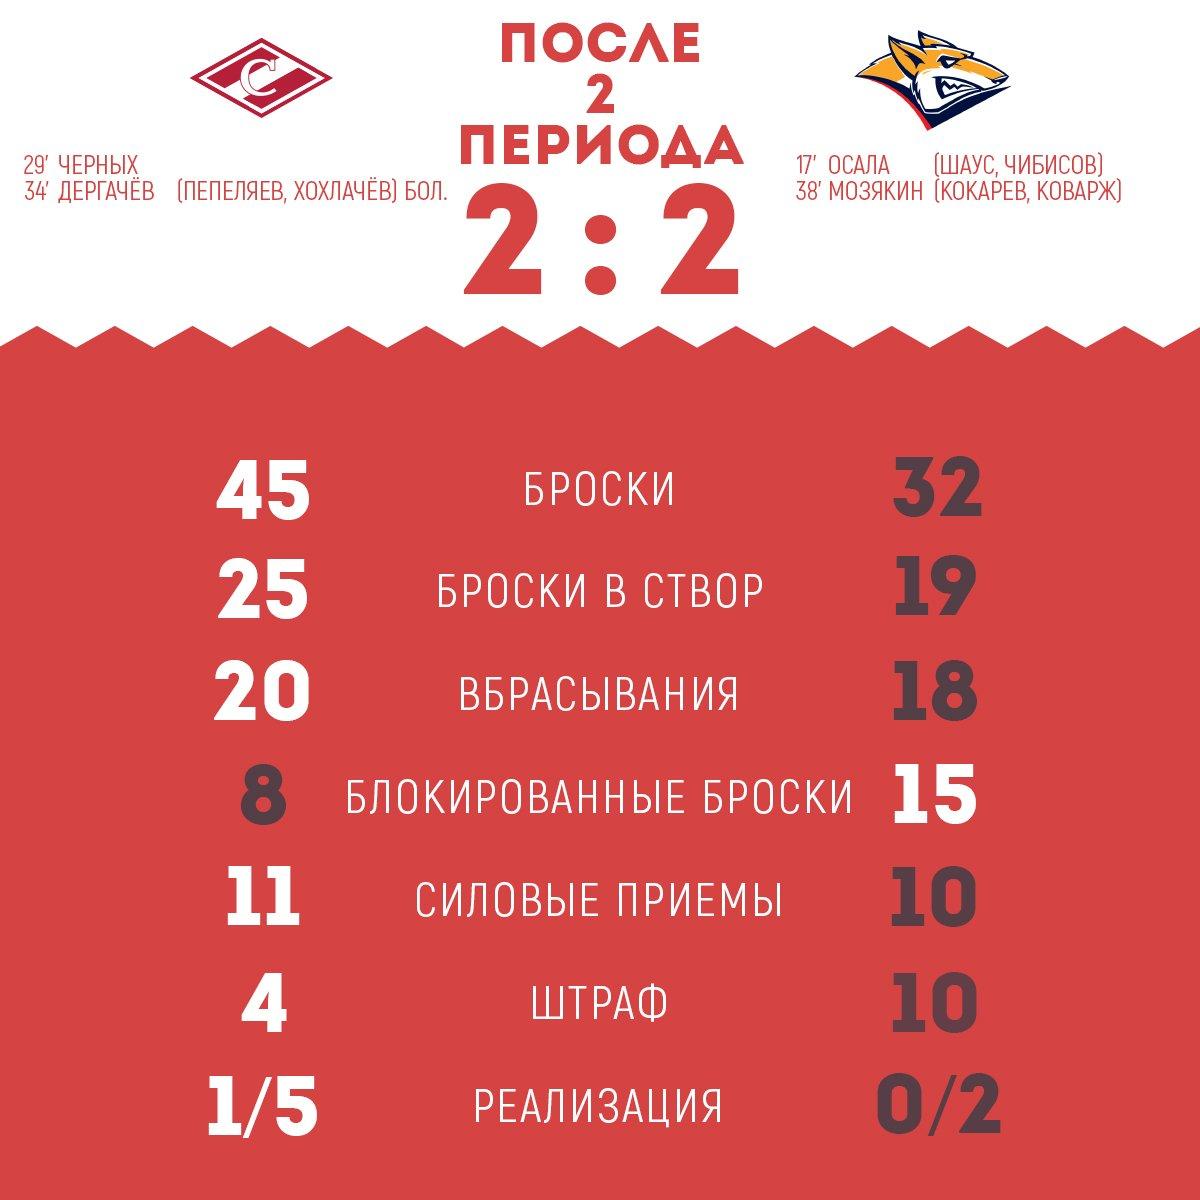 Статистика матча «Спартак» vs «Металлург» после 2-х периодов